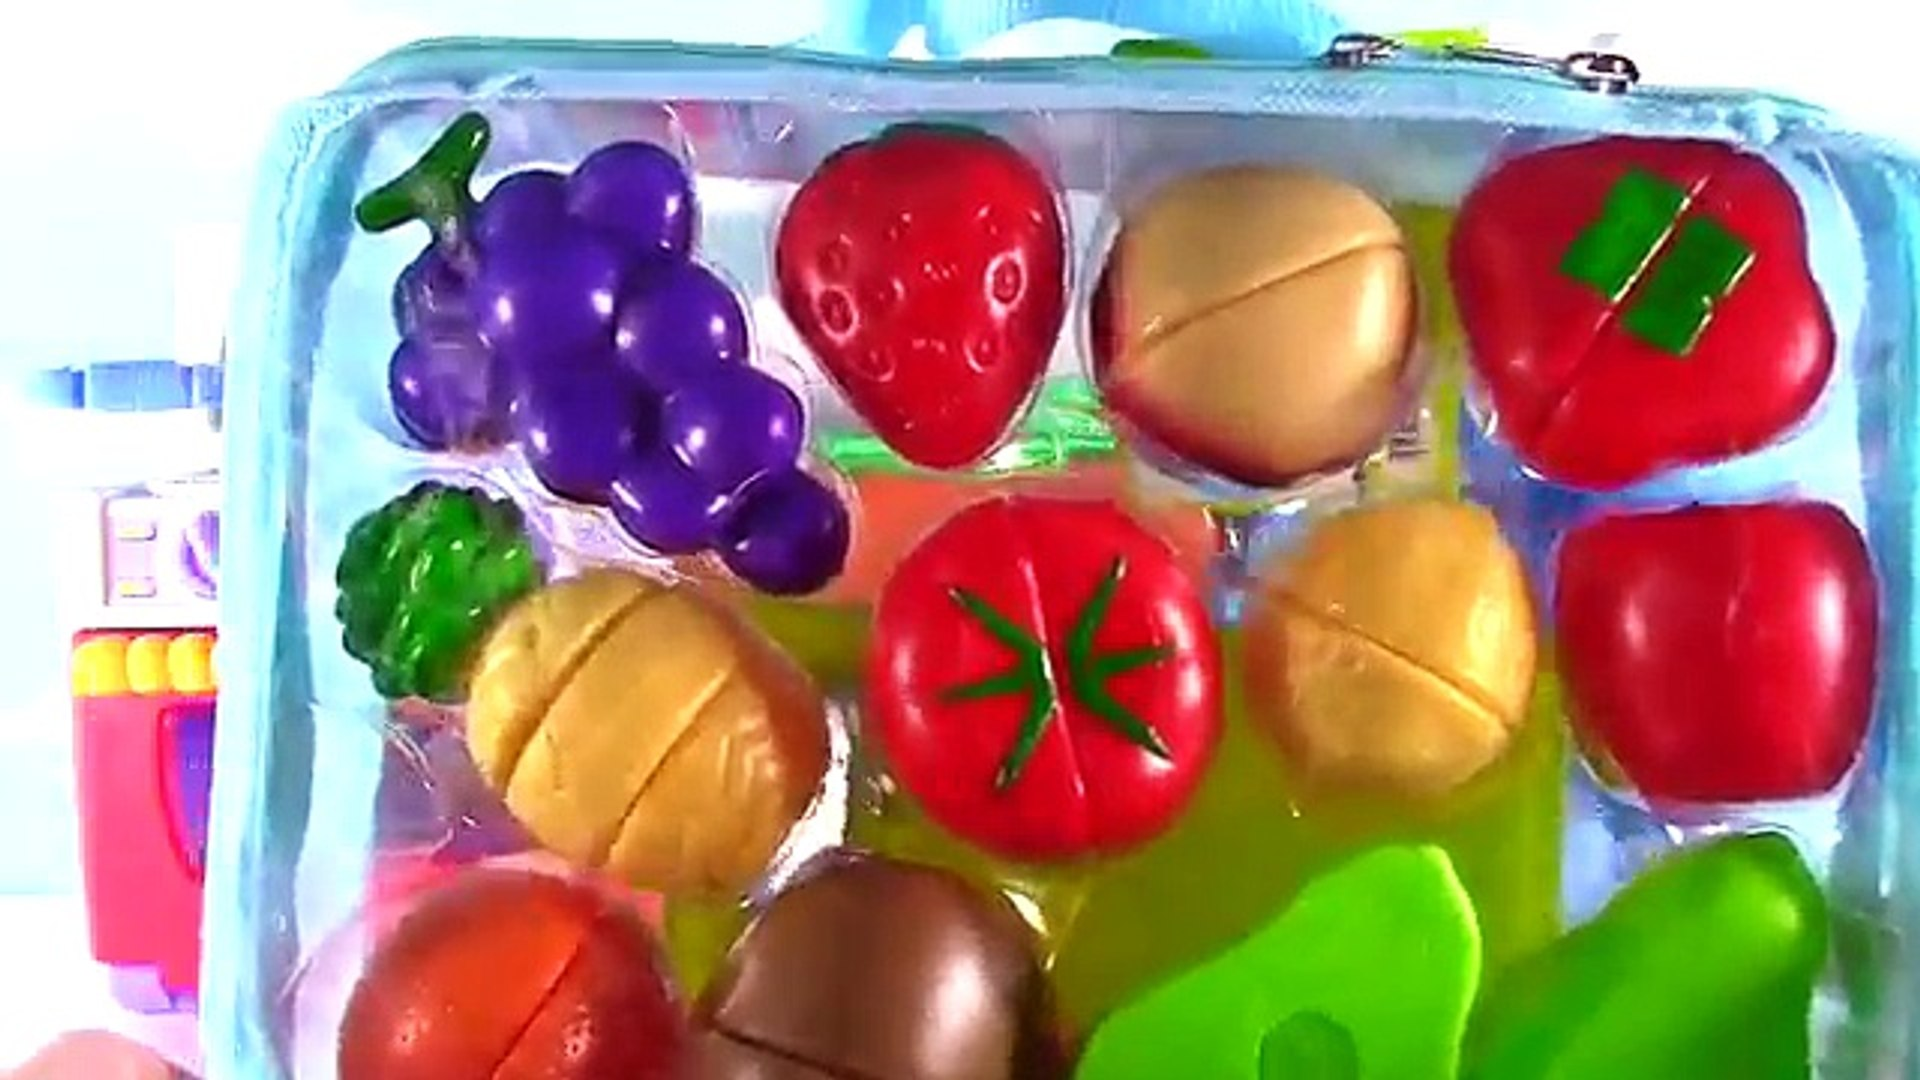 Игрушка кухня липучка фрукты овощи Готовка суп выпечка хлеб печенье игрушка питание ASMRA